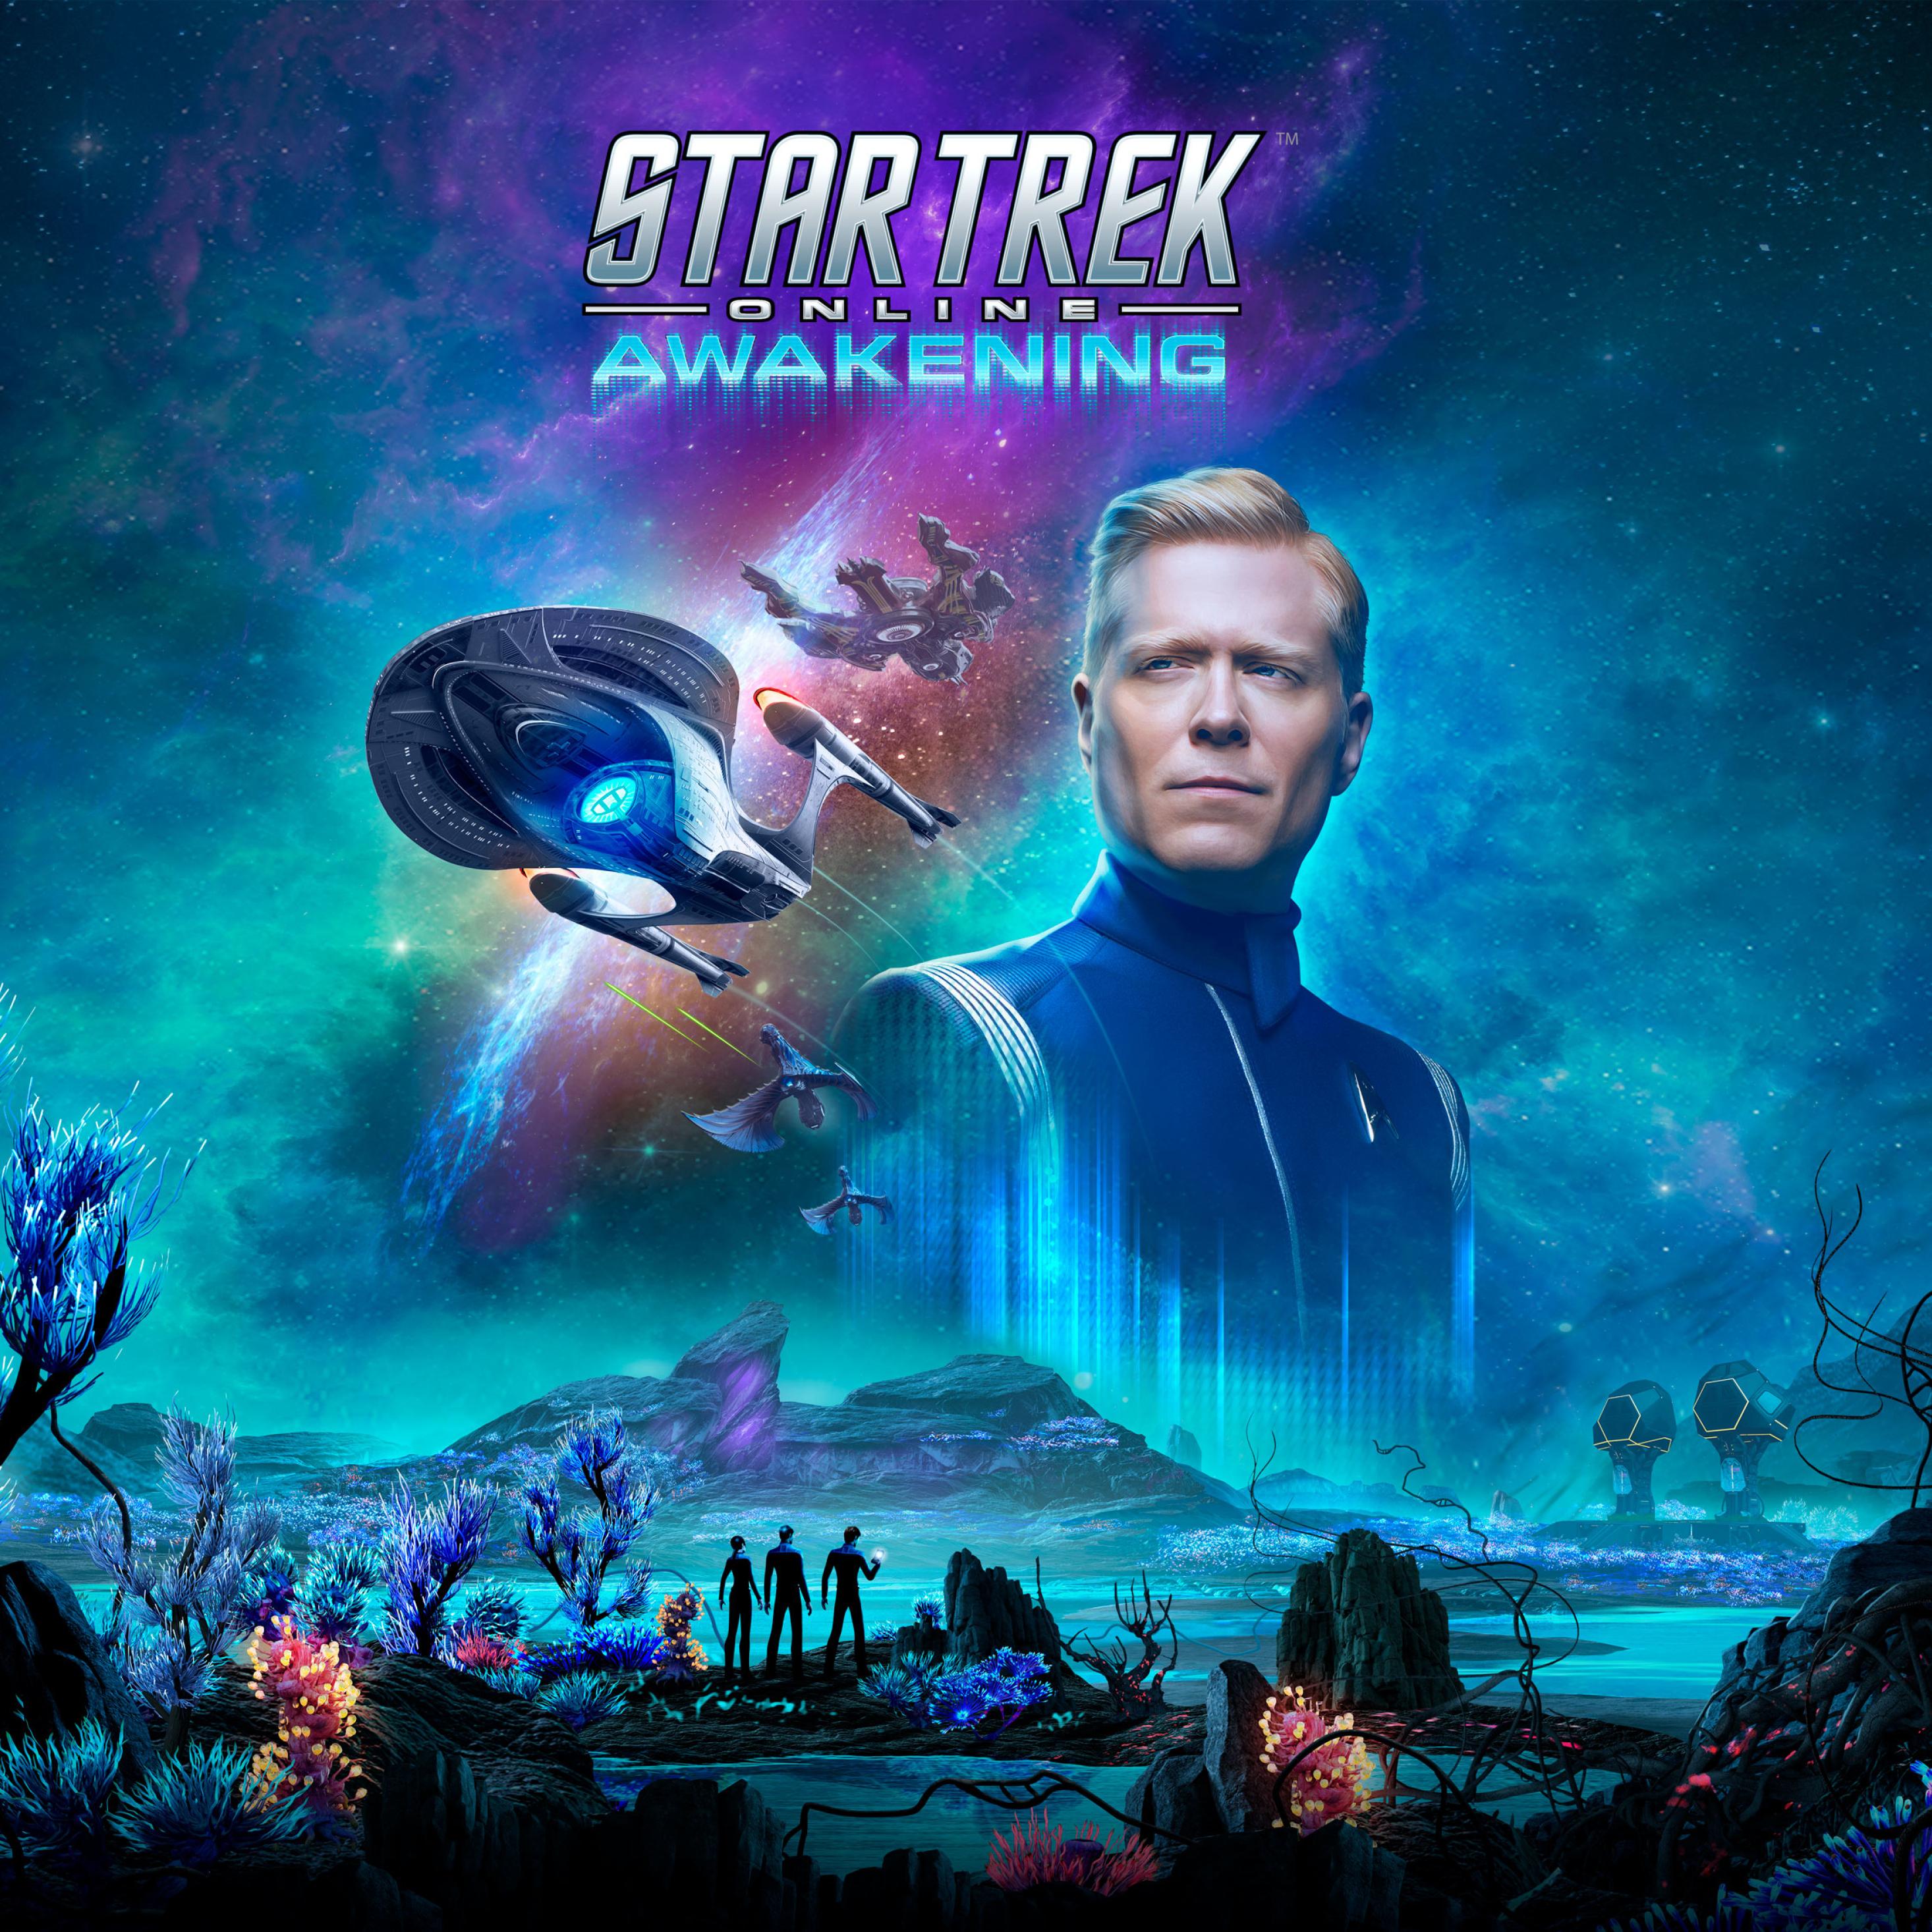 2932x2932 Star Trek Online 2019 Ipad Pro Retina Display ...